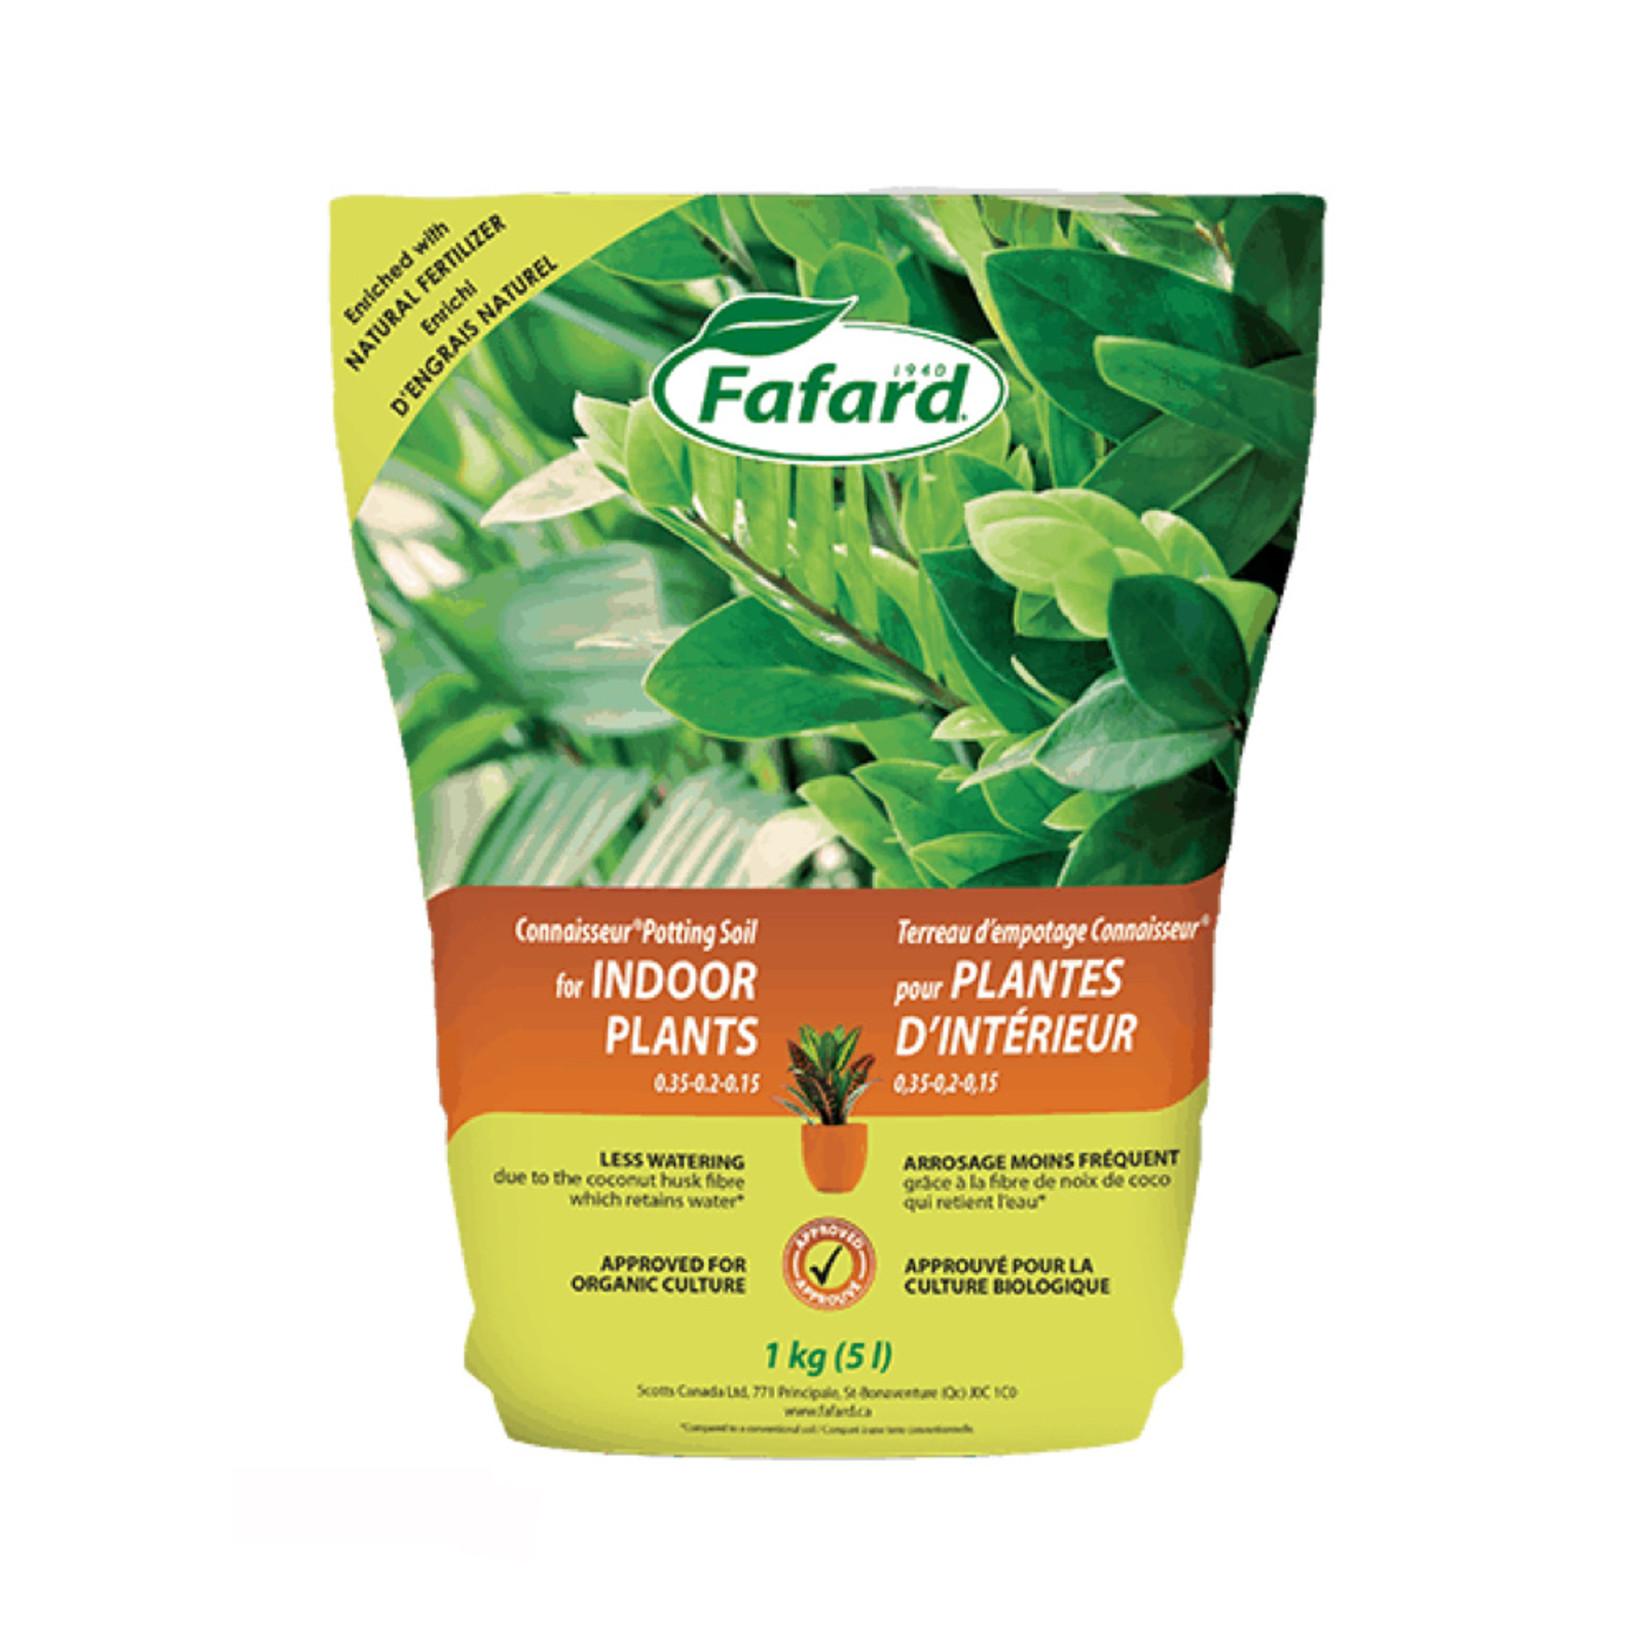 Fafard Connaisseur Potting Soil for Indoor Plants 5 L